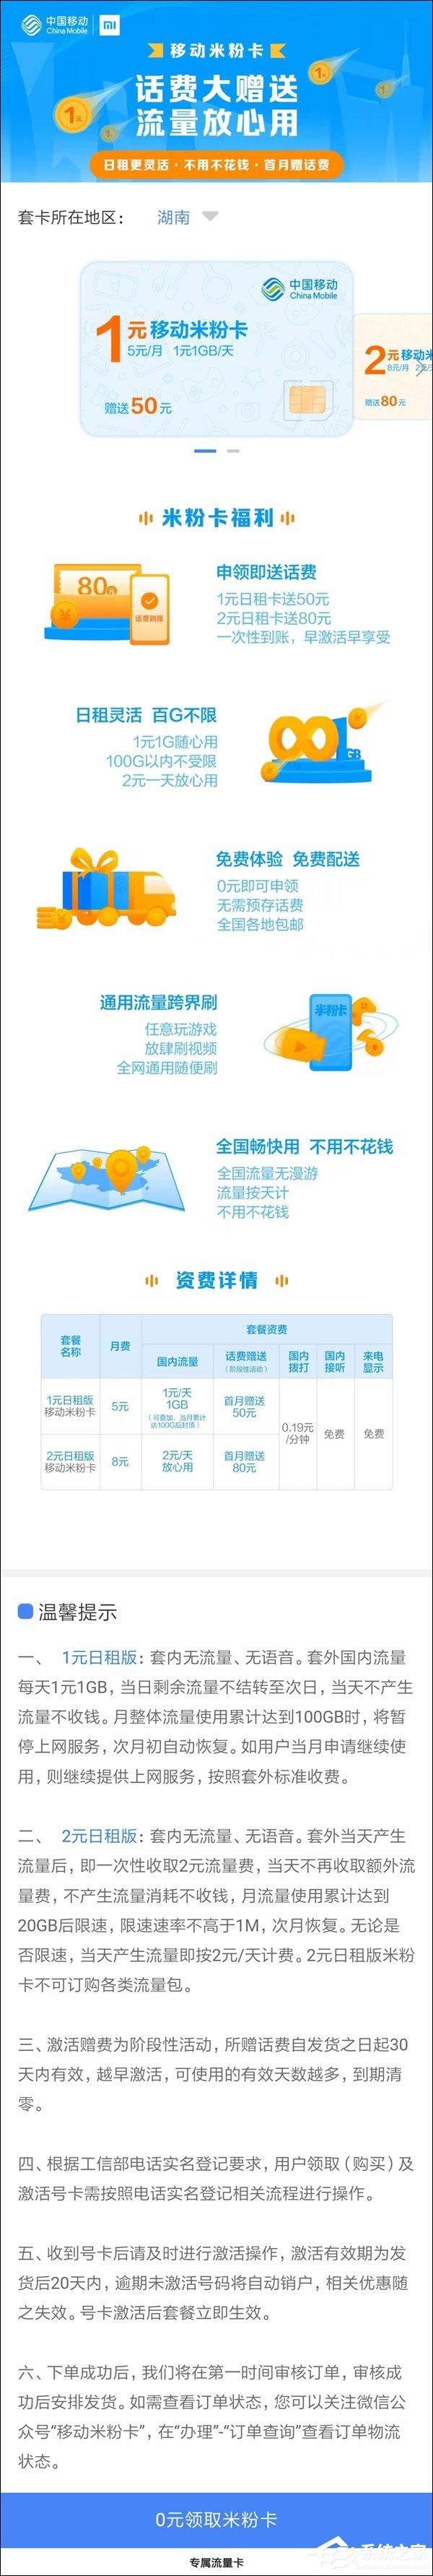 首月最高赠送80元话费!中国移动版米粉卡现已上线(附办理地址)